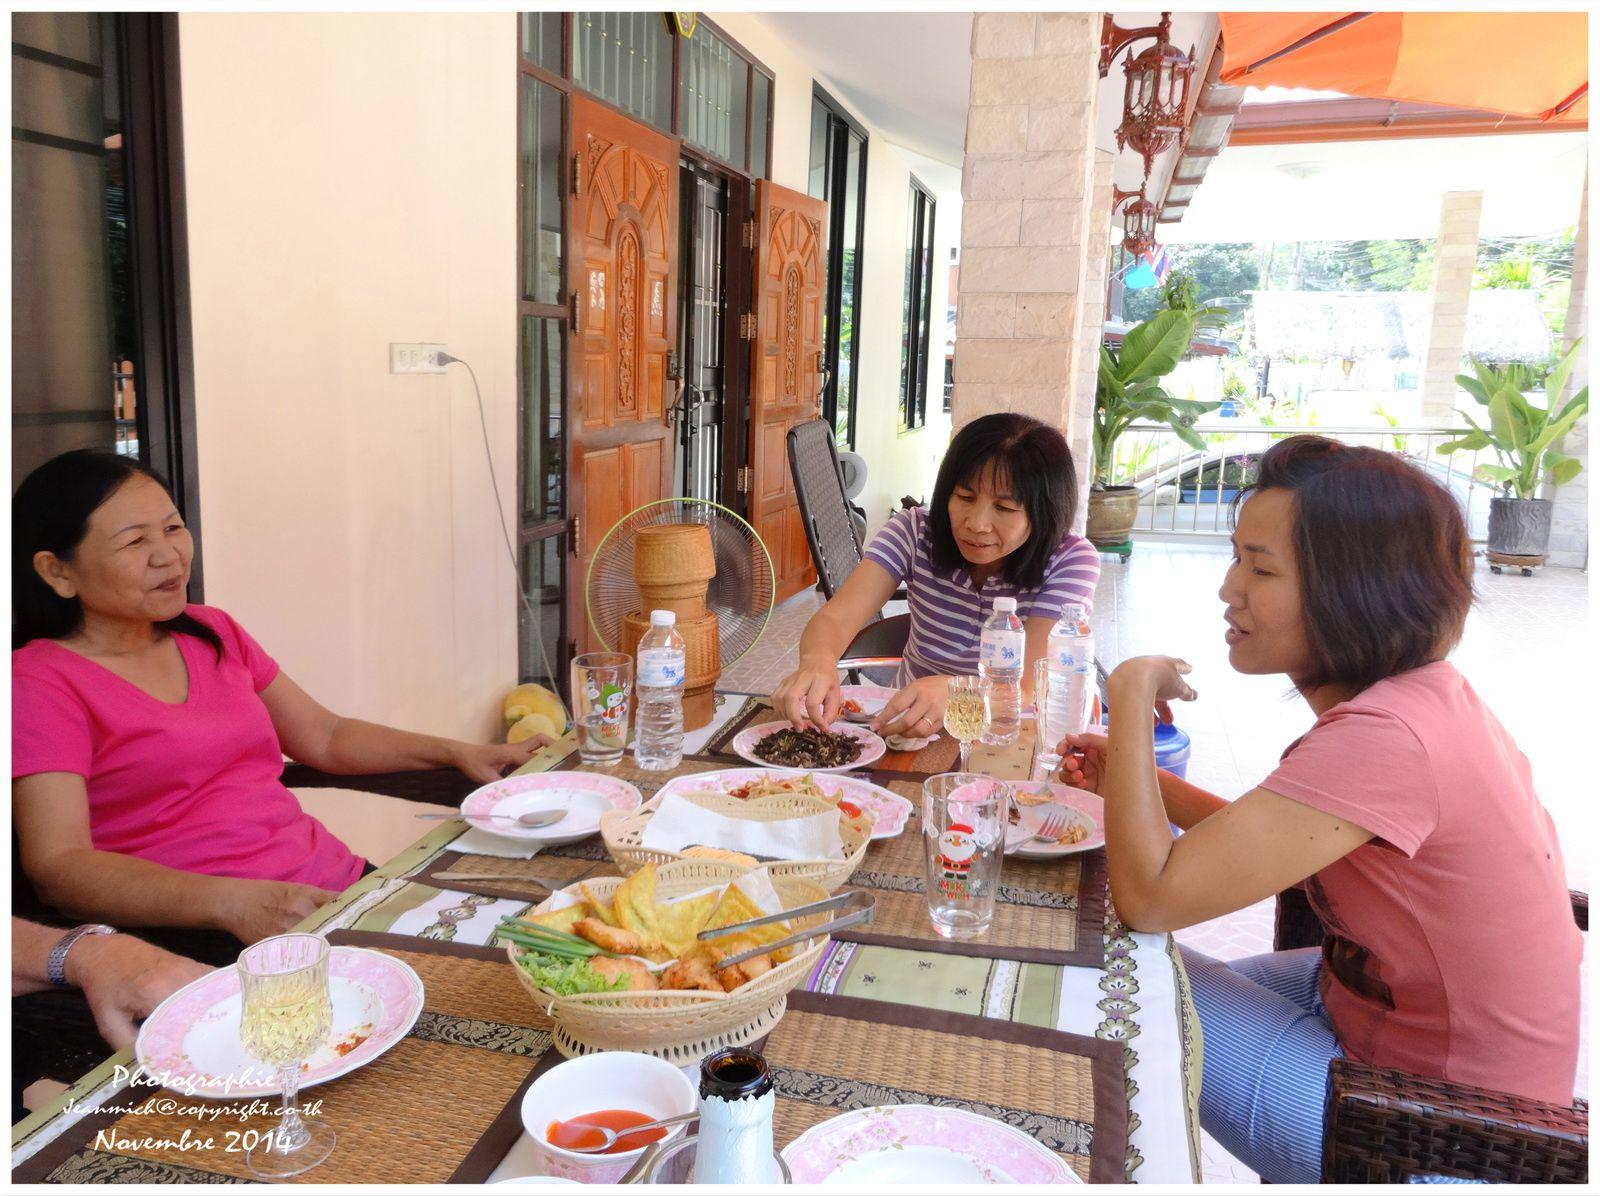 Un agr able samedi avec les amis le blog de khon for Repas avec des amis